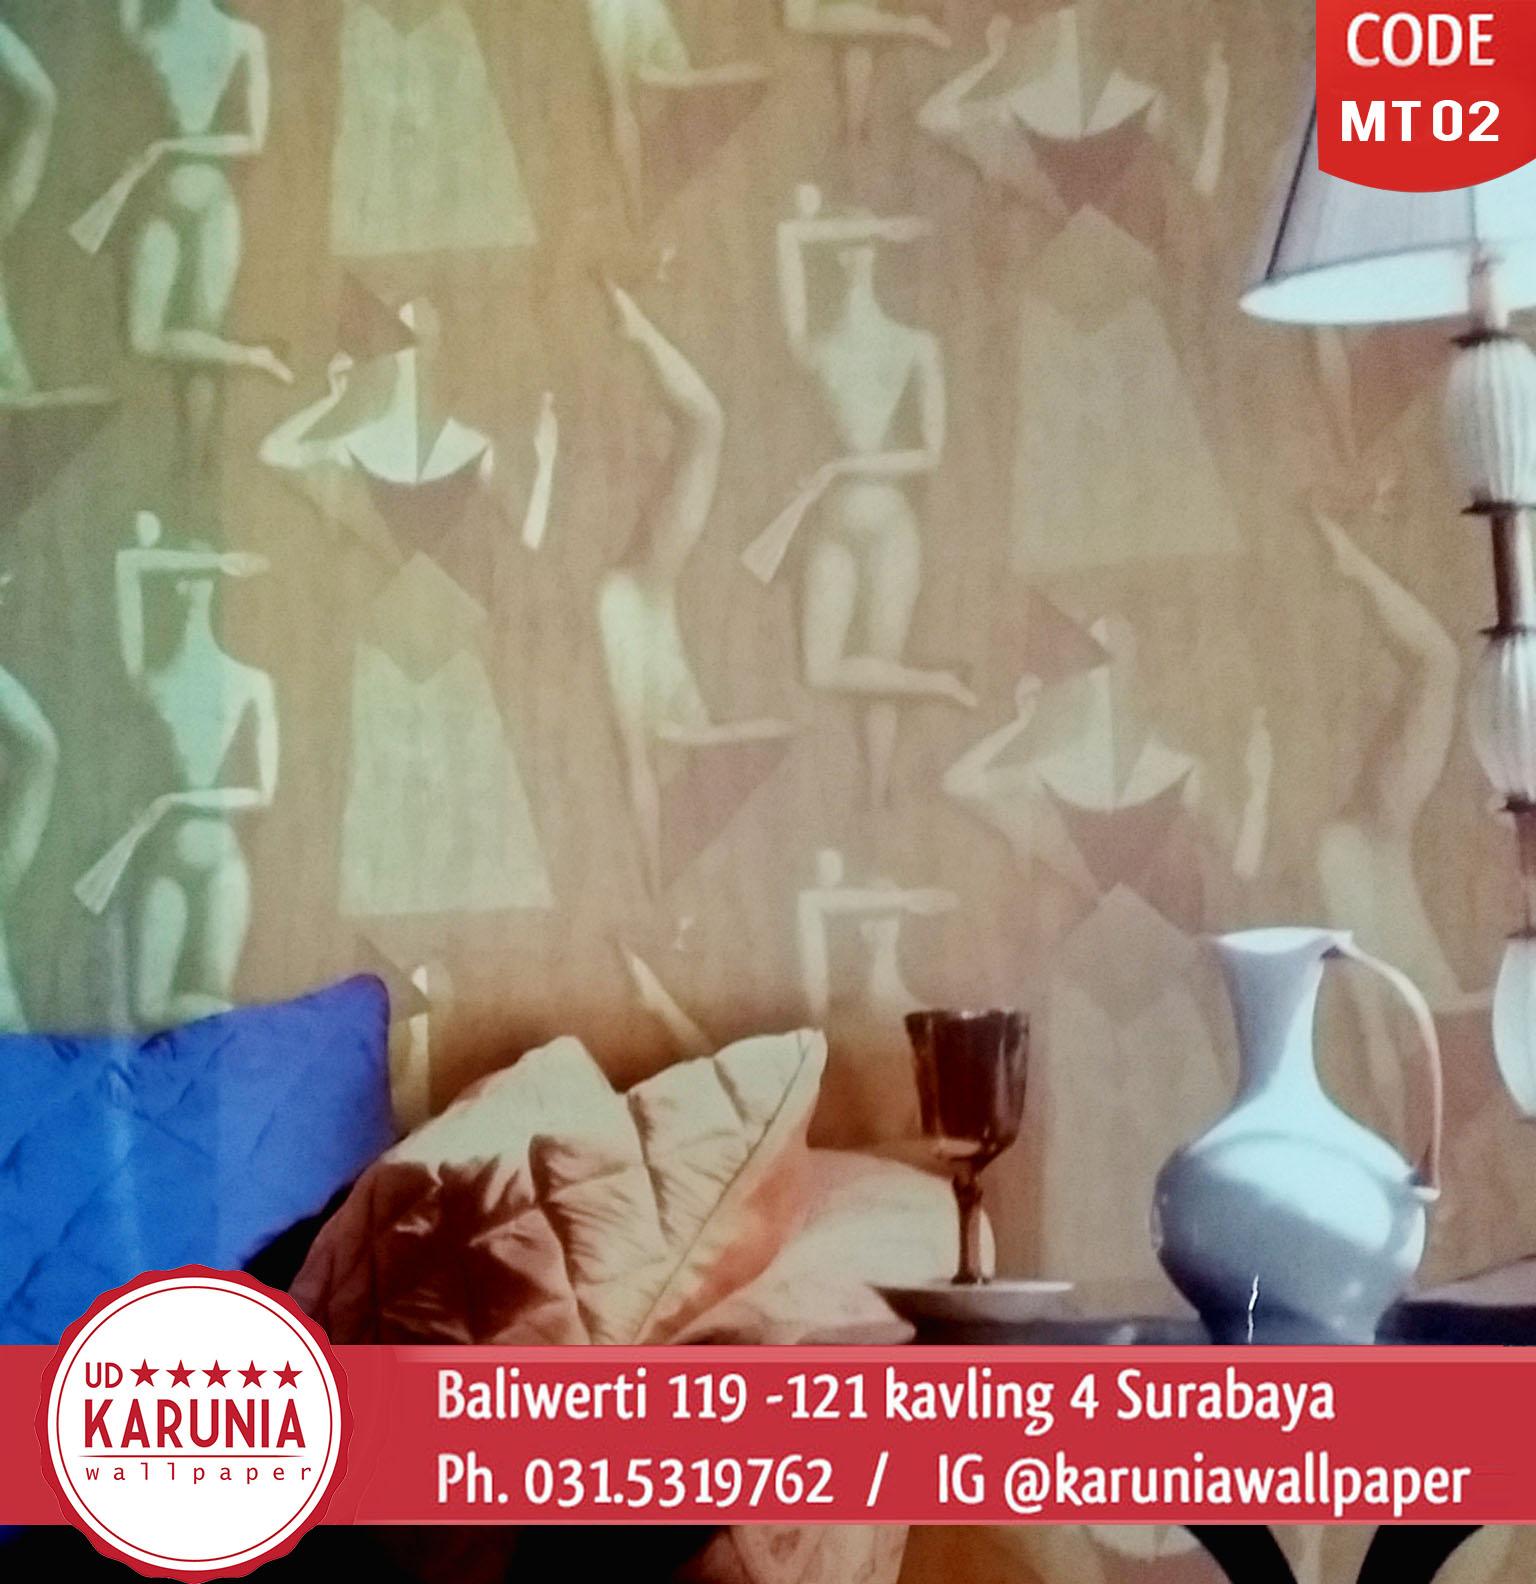 jual wallpaper toko karuniawallpaper surabaya